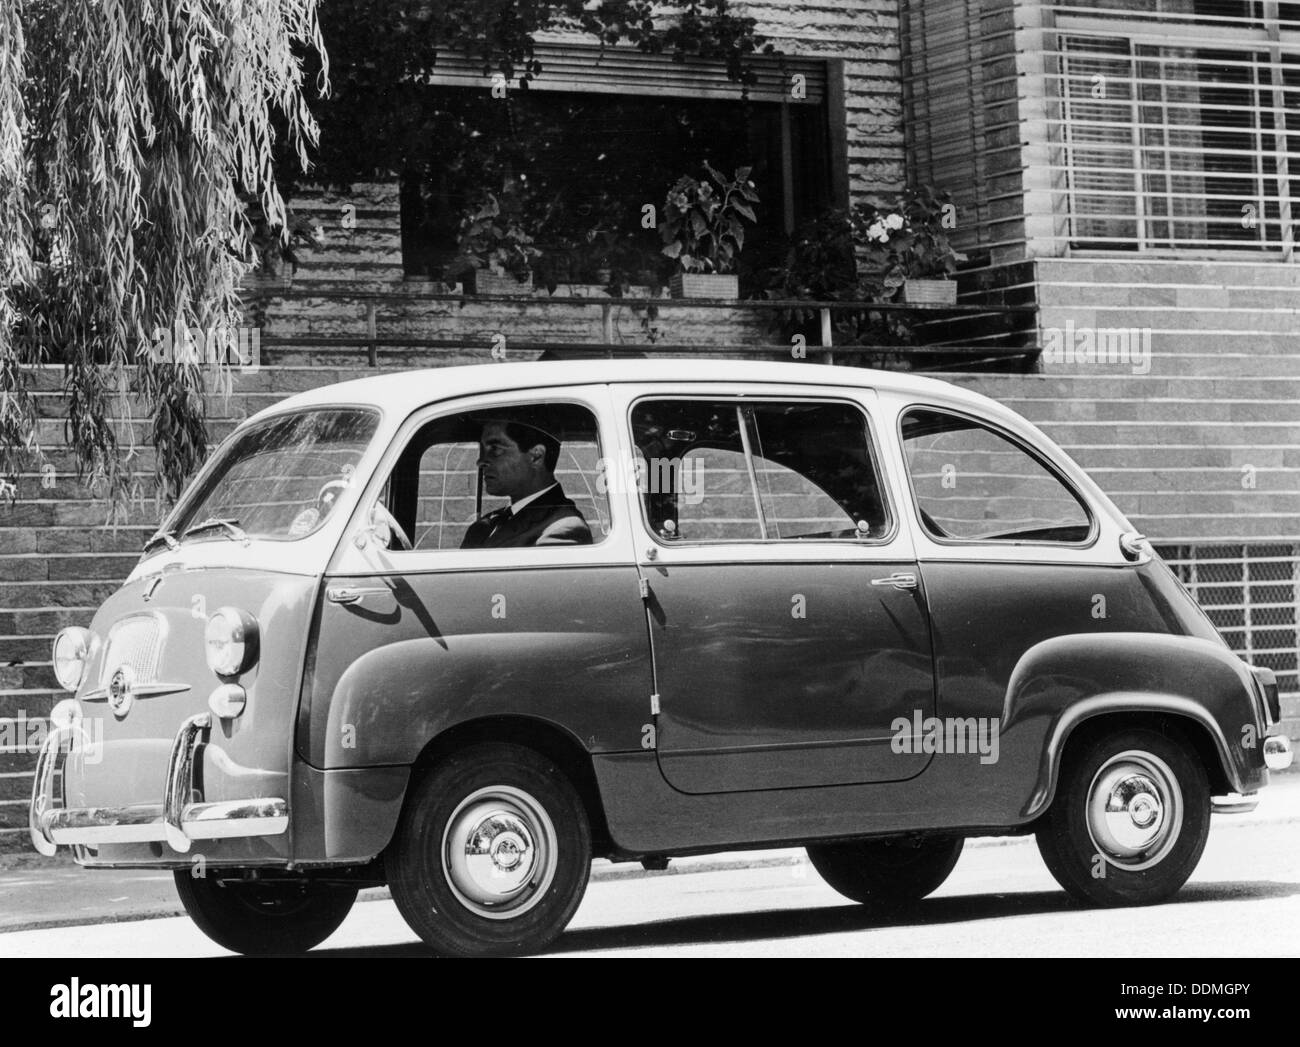 1963 Fiat 600 Multipla, (c1963?). - Stock Image